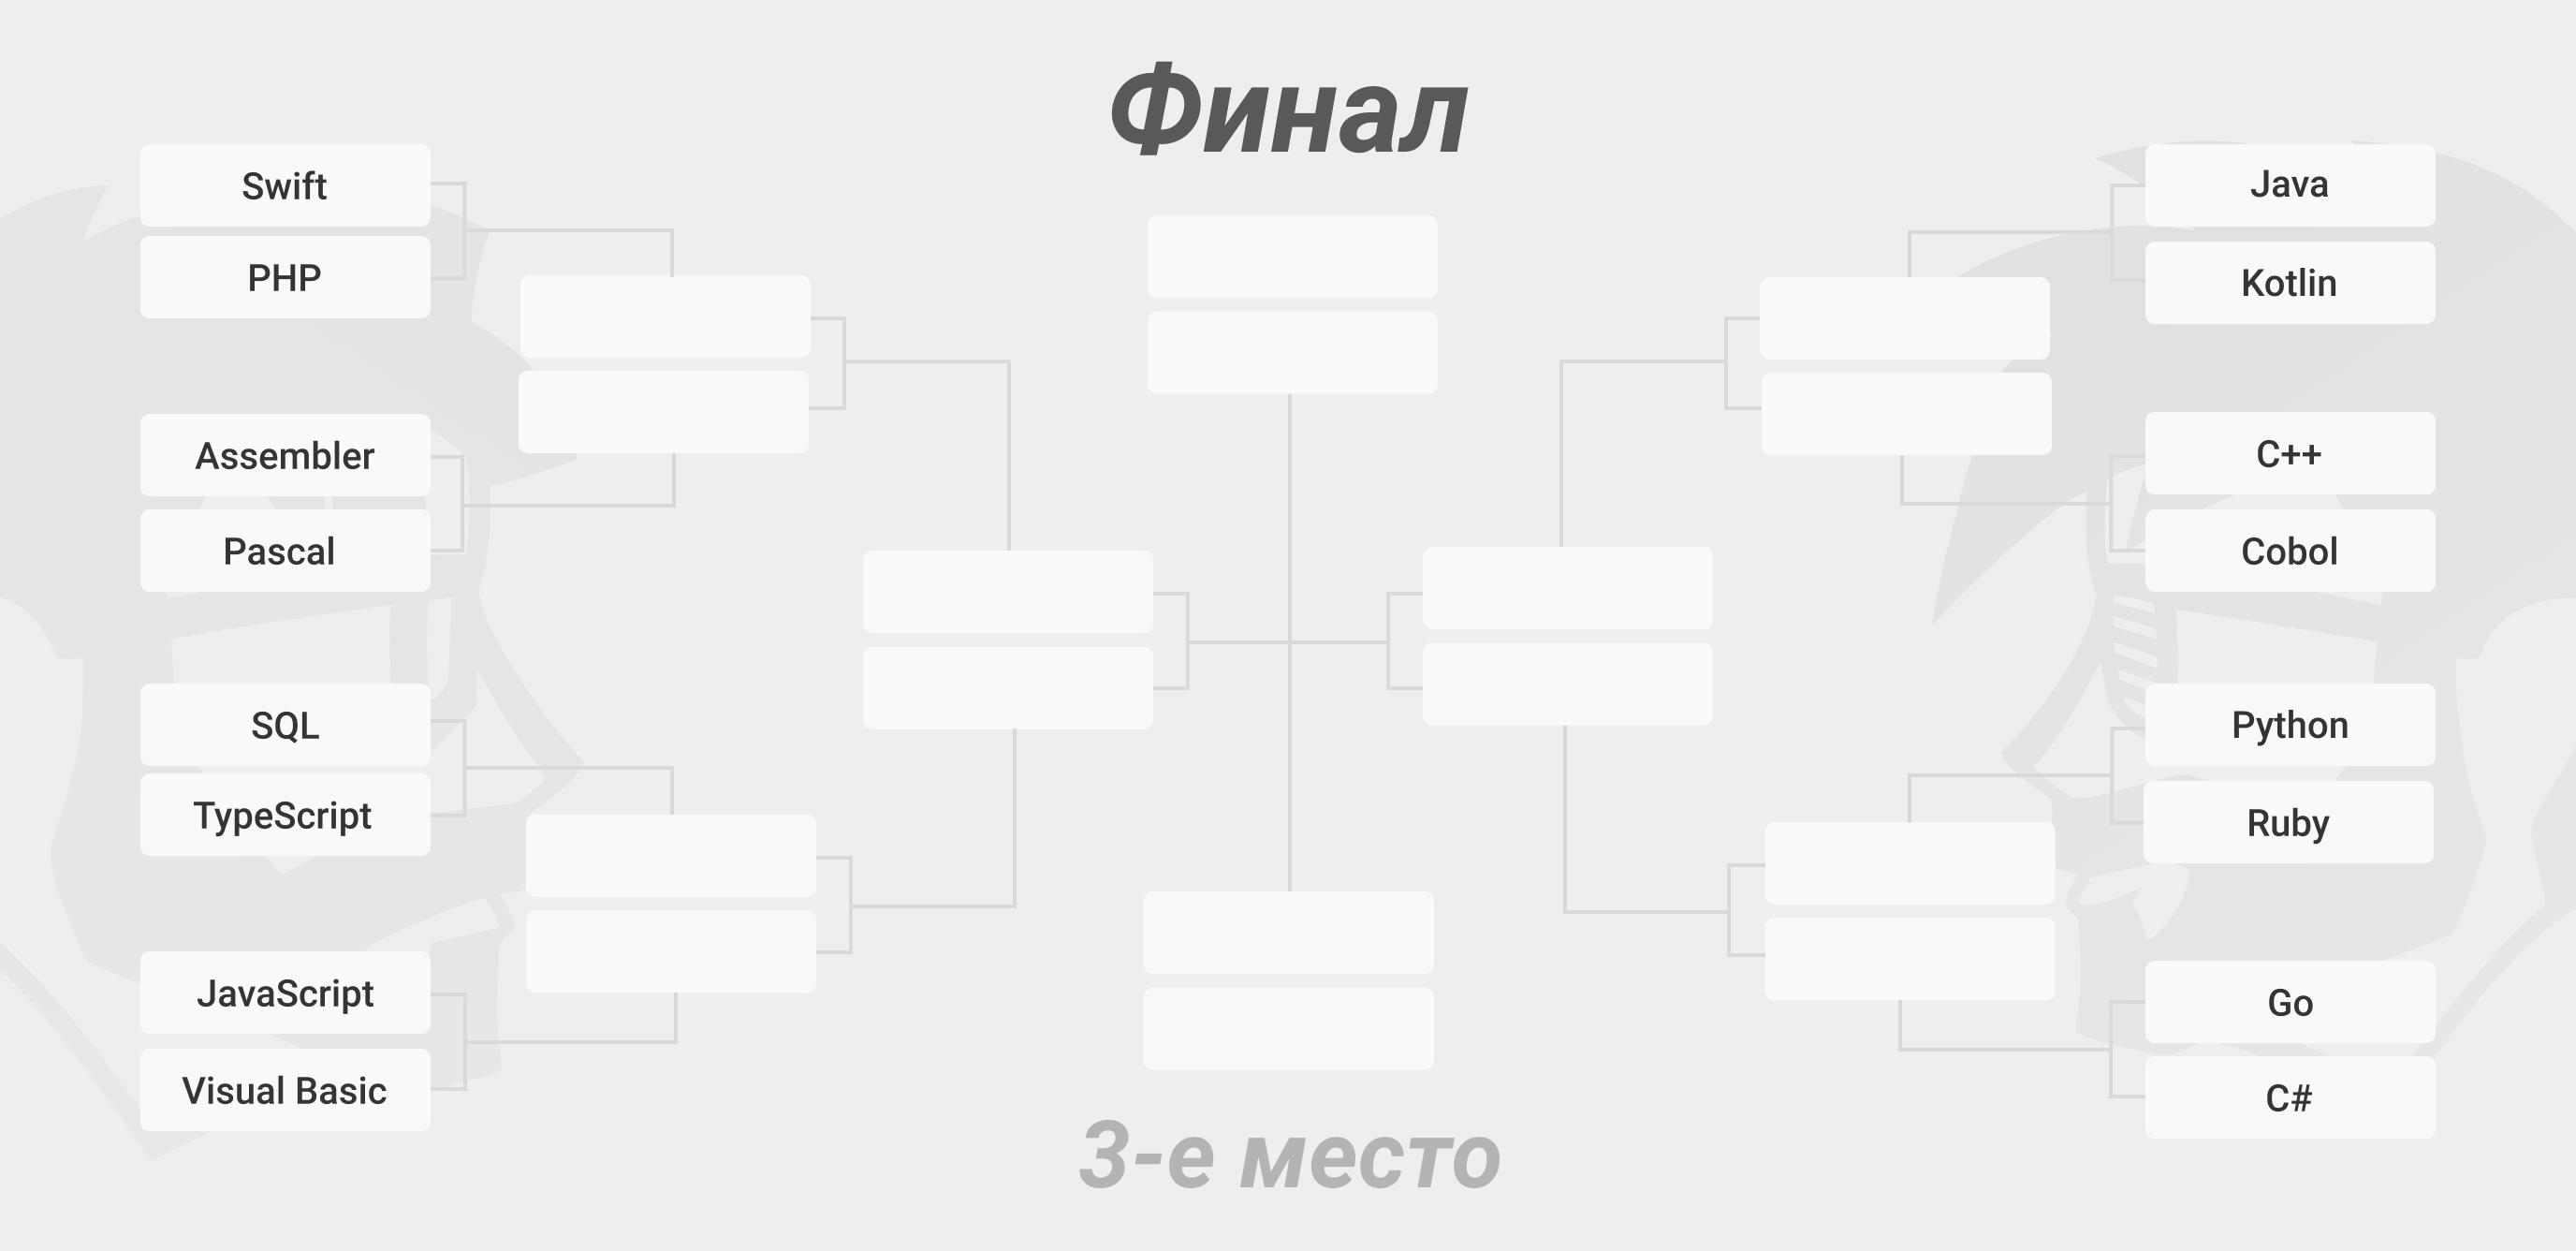 Изначальная турнирная таблица баттла языков программирования 2020